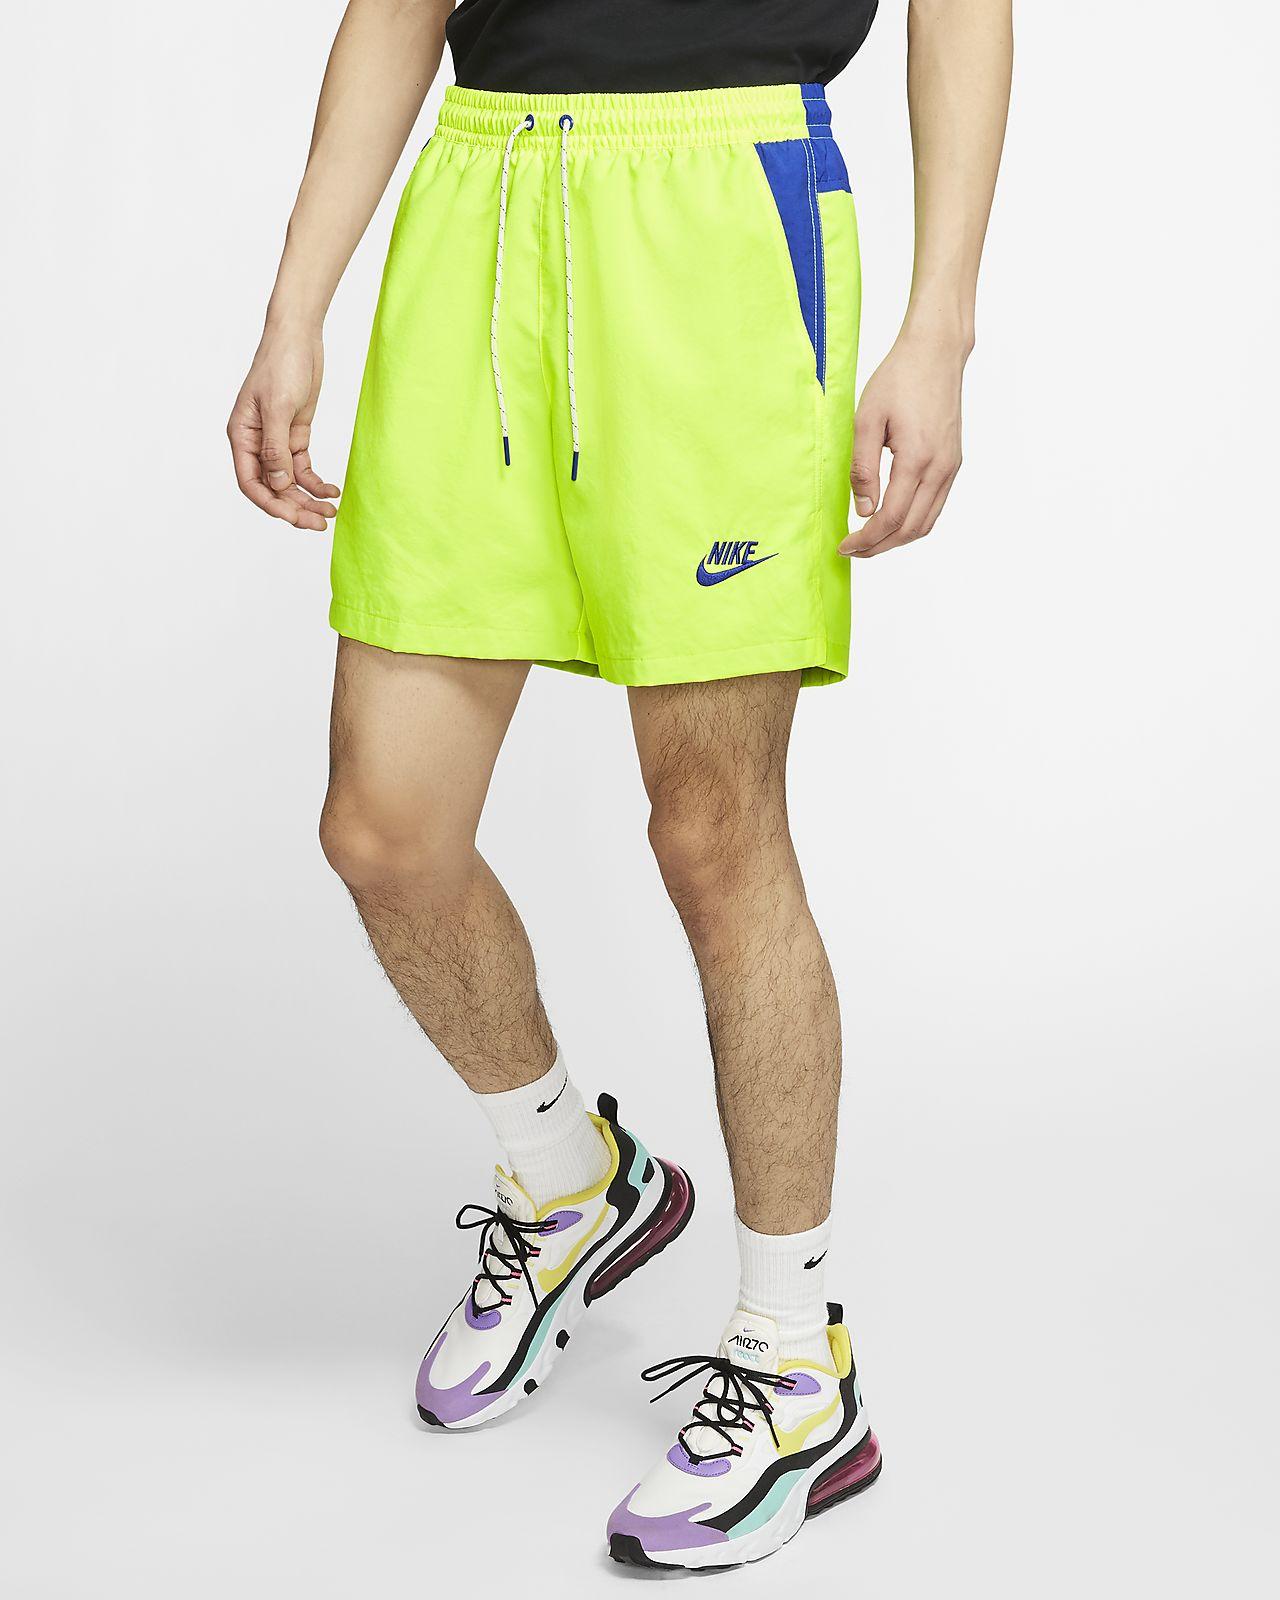 ナイキ スポーツウェア ウィンドランナー メンズショートパンツ